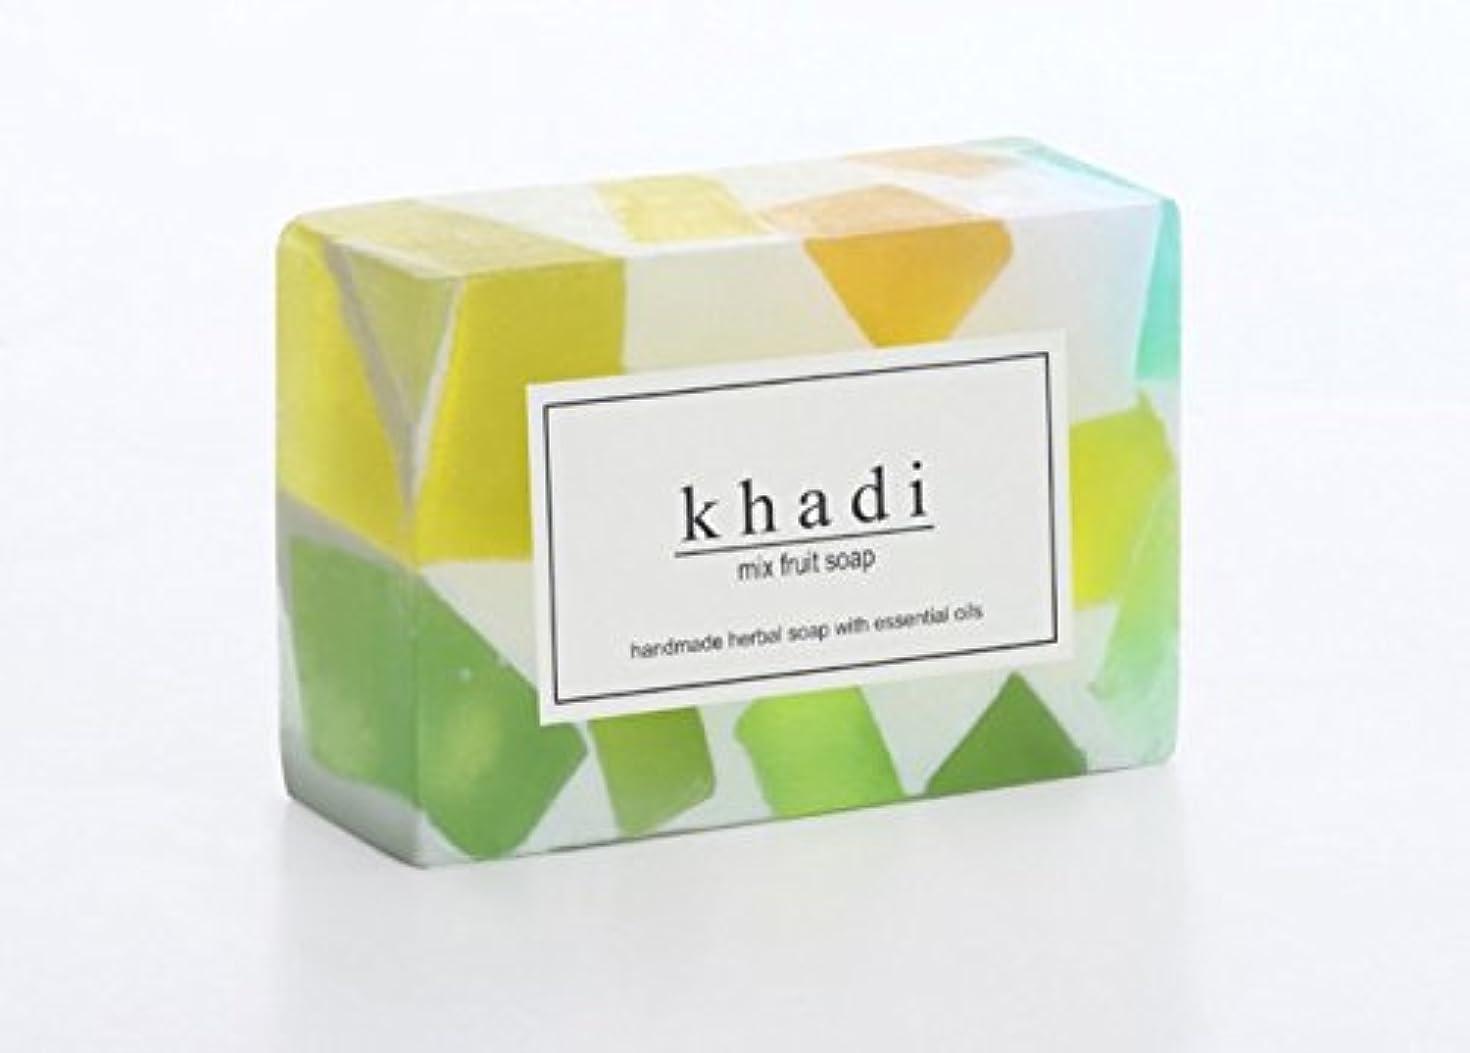 所属パイロット粘液Khadi Natural Mix Fruit Soup(ミックスフルーツ石鹸)125g 6個セット [並行輸入品]